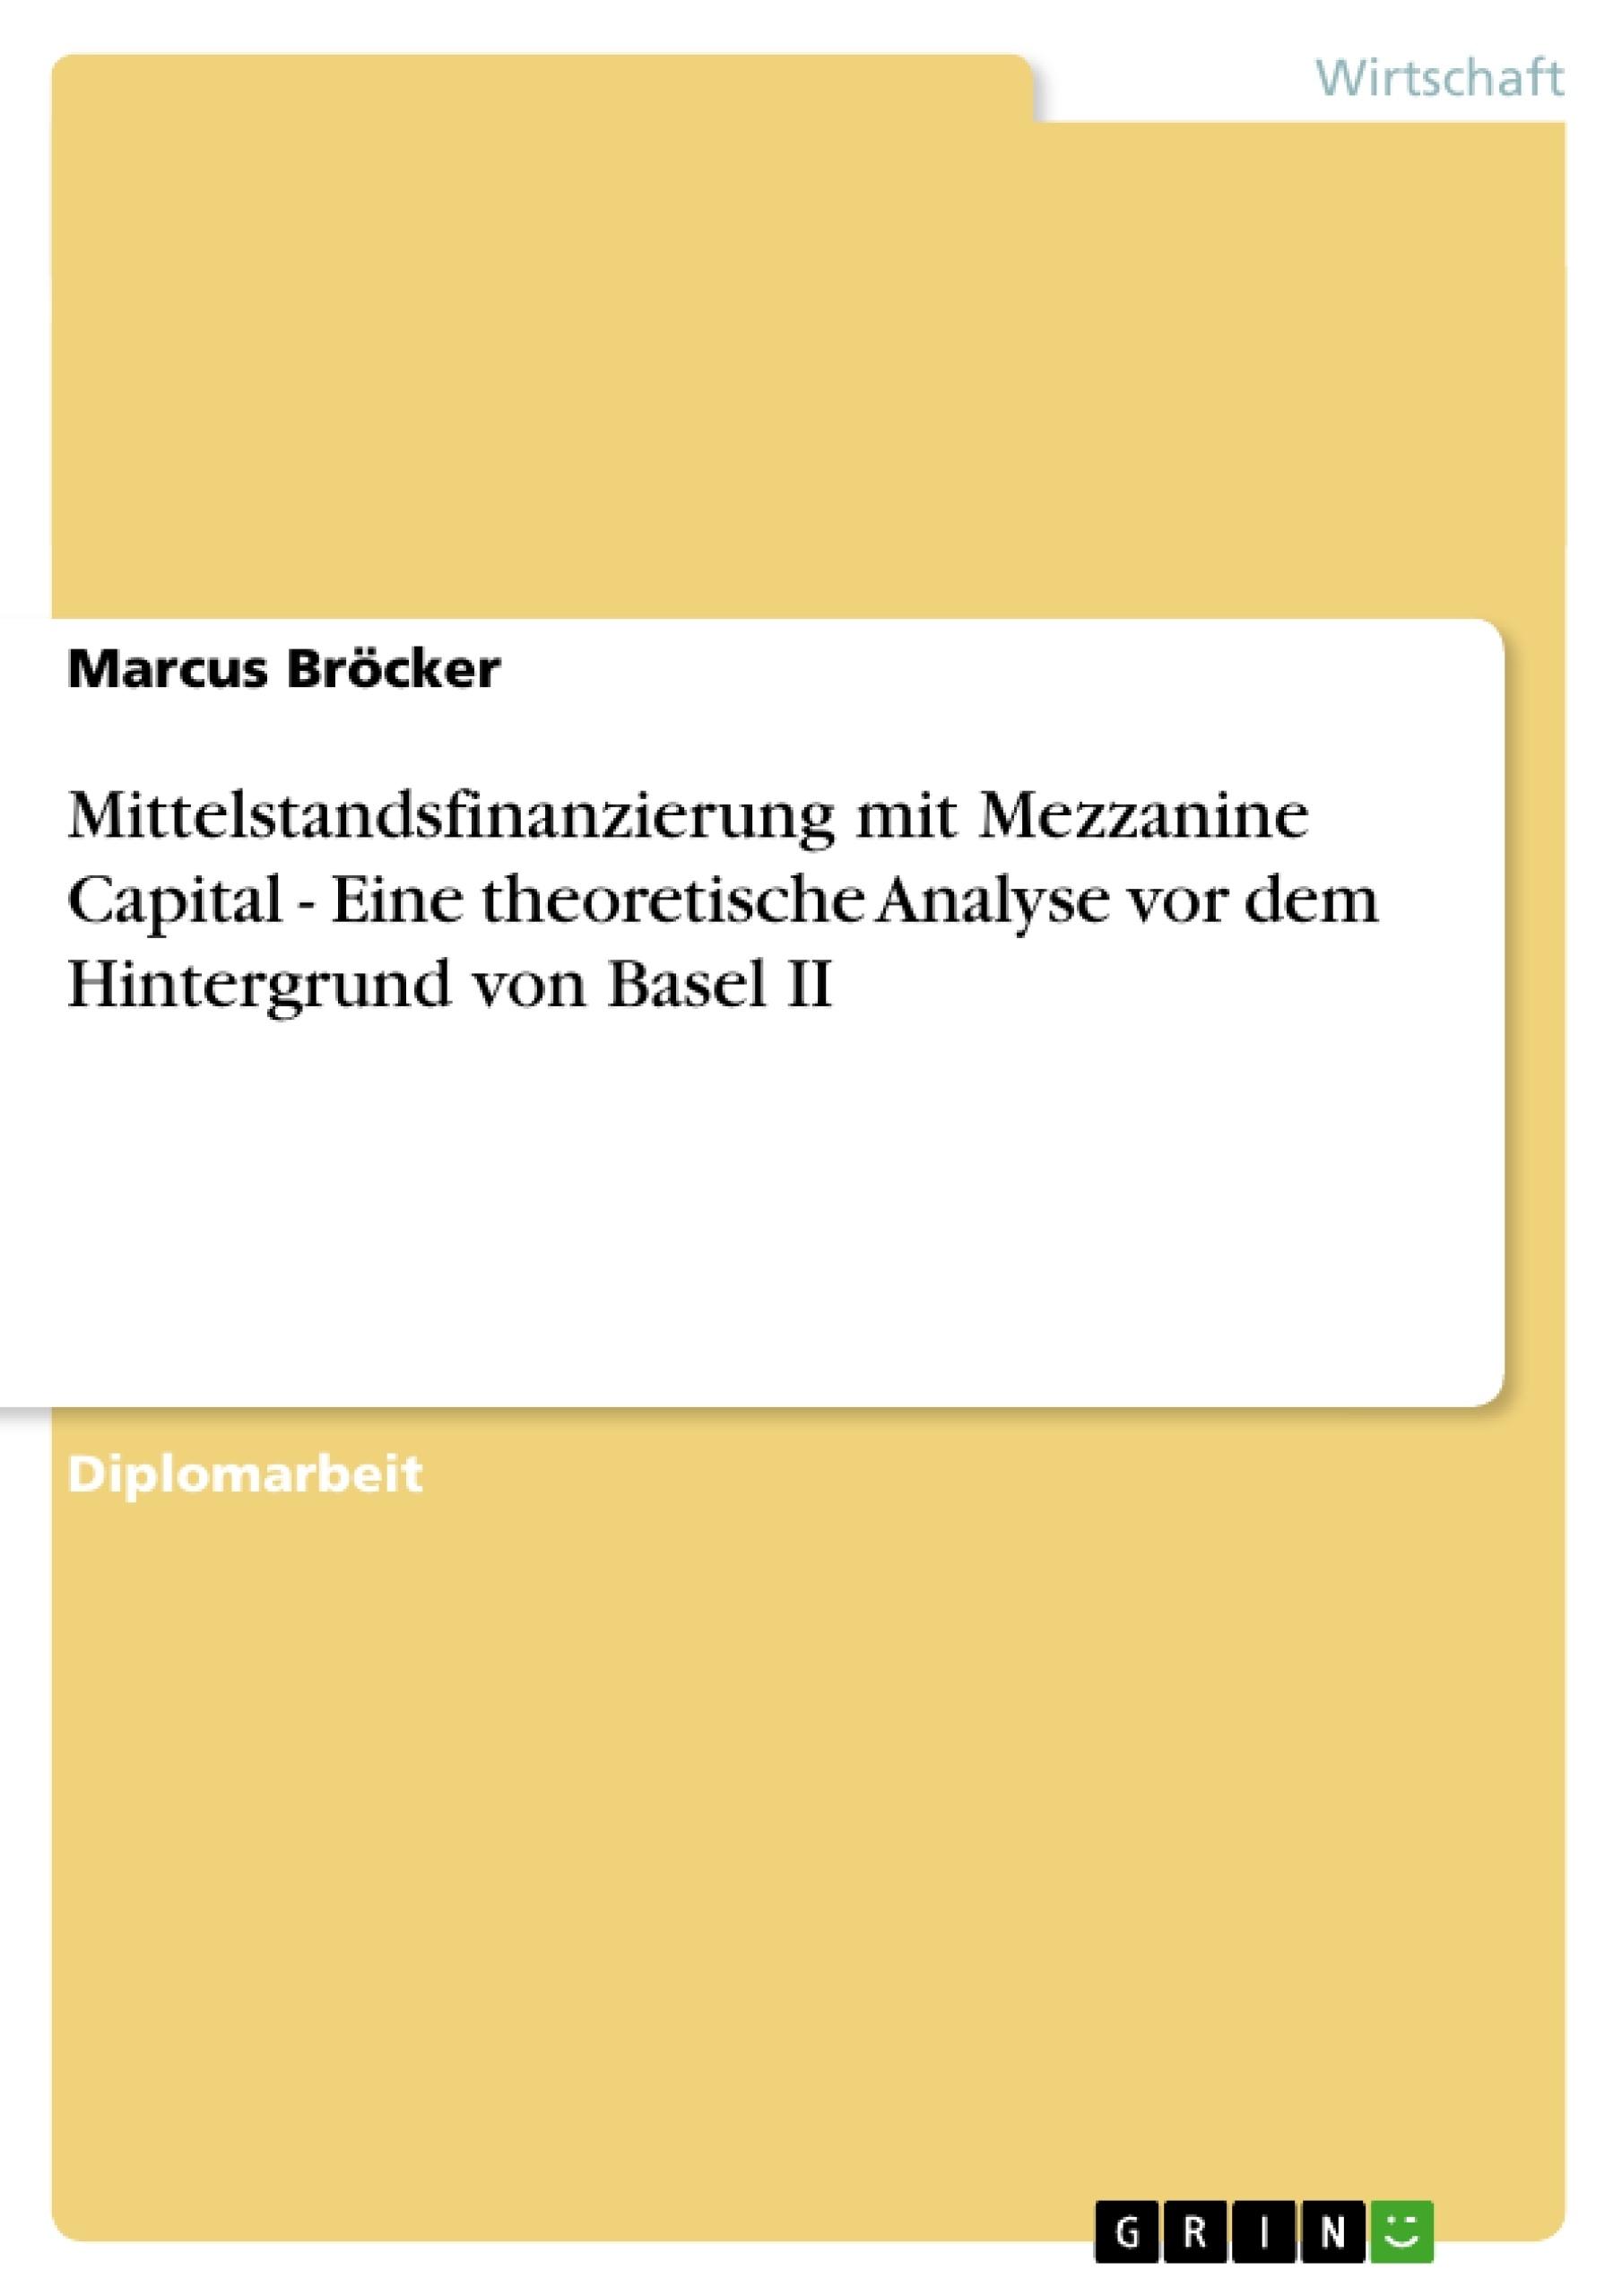 Titel: Mittelstandsfinanzierung mit Mezzanine Capital - Eine theoretische Analyse vor dem Hintergrund von Basel II